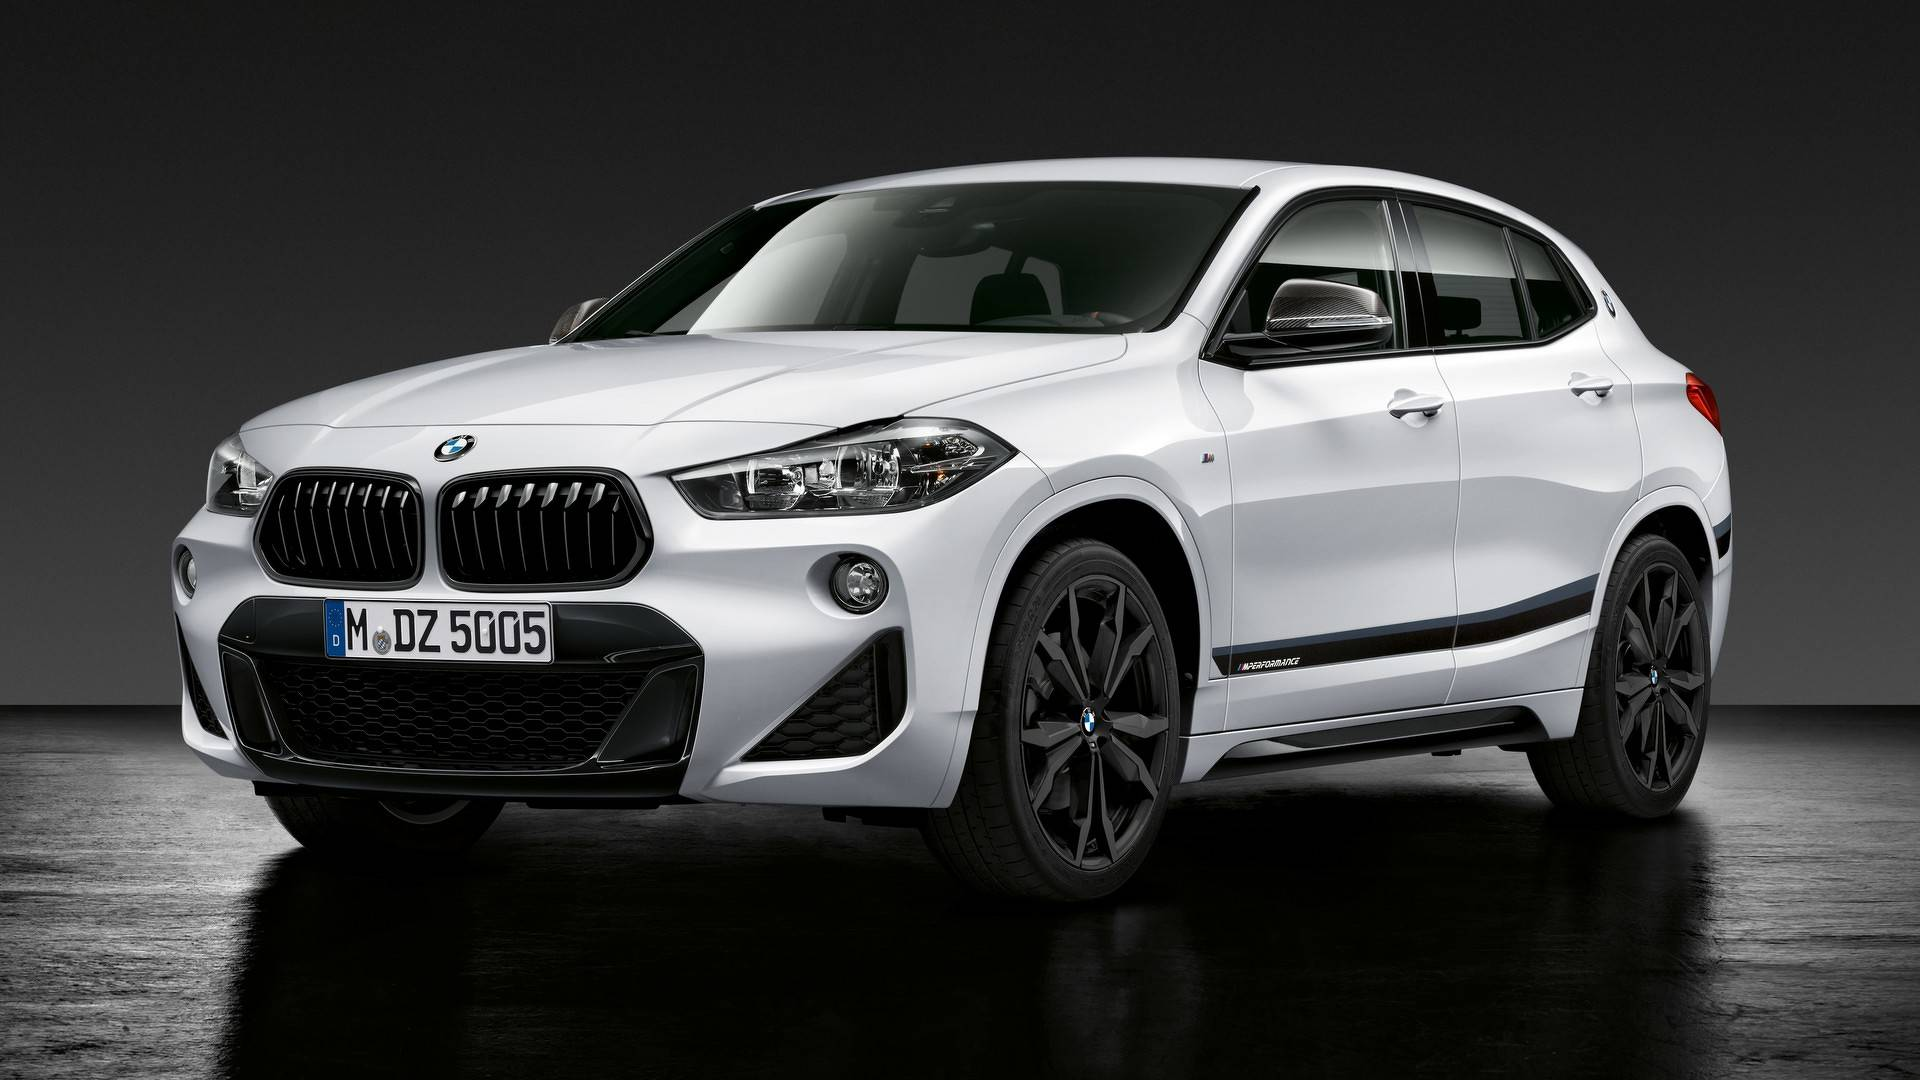 Des accessoires M Performance pour les BMW X2, X3 et X4